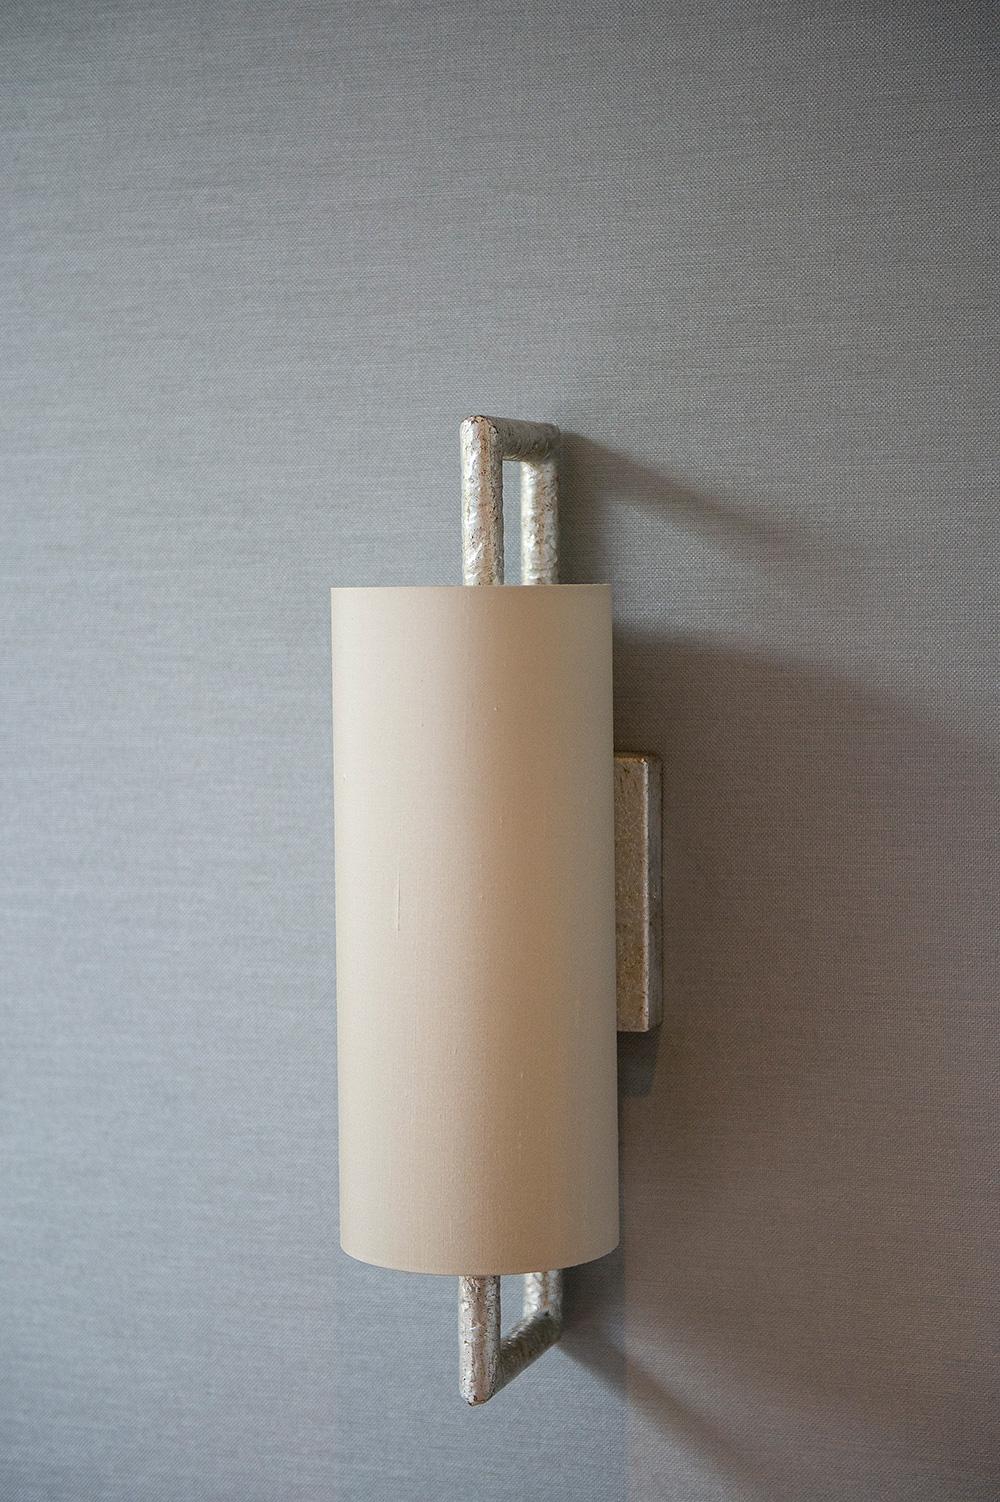 9-Nikki-Rees-Porta-Wall-Light-lightingdesign-interior-design-wimbledon-london-surrey